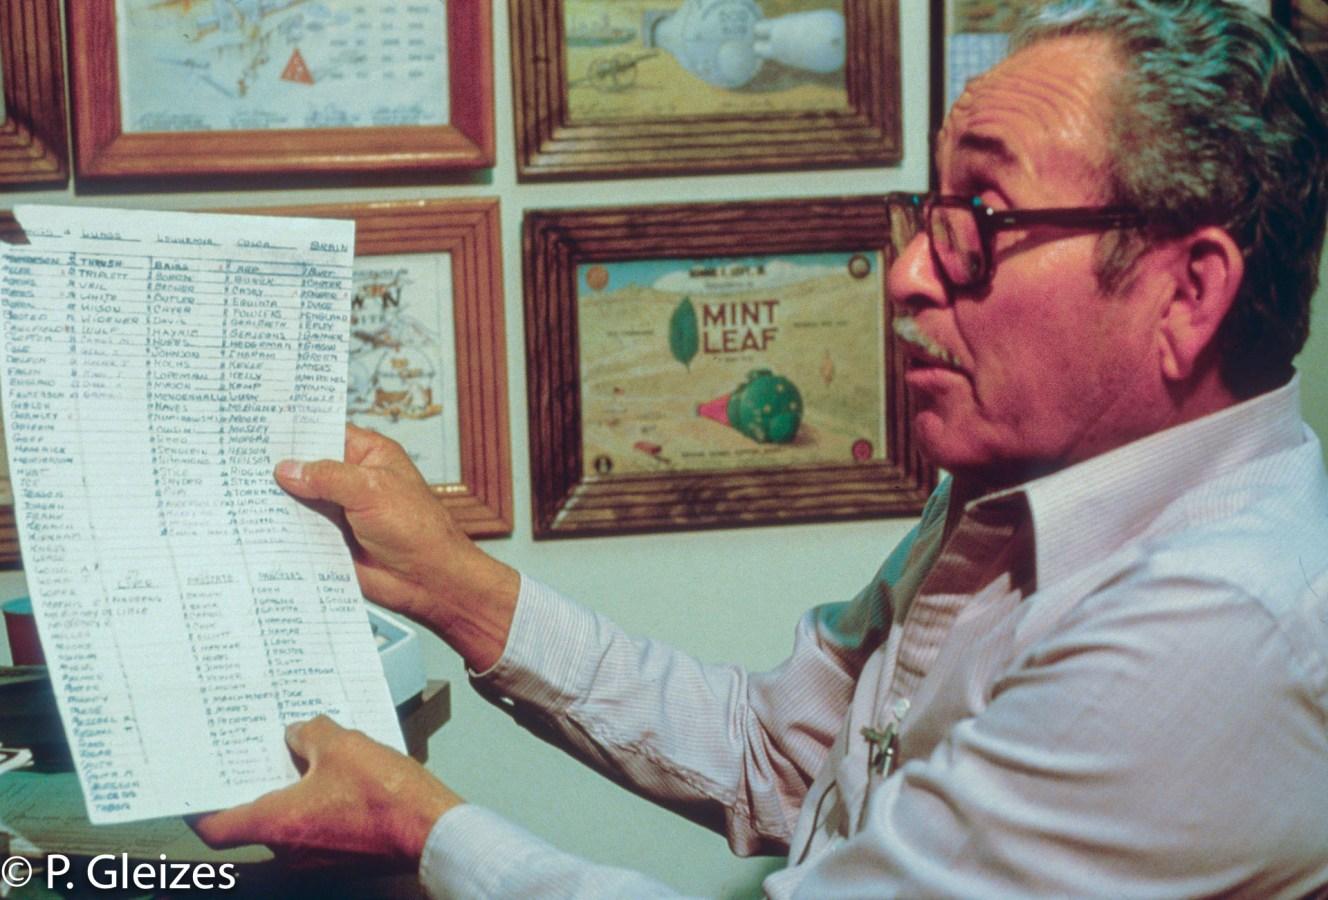 1983. Las Vegas, USA. Benni Levi présente la liste de ses 193 collègues de travail décédés après leurs participations à des essais nucléaires dans le désert du Nevada.